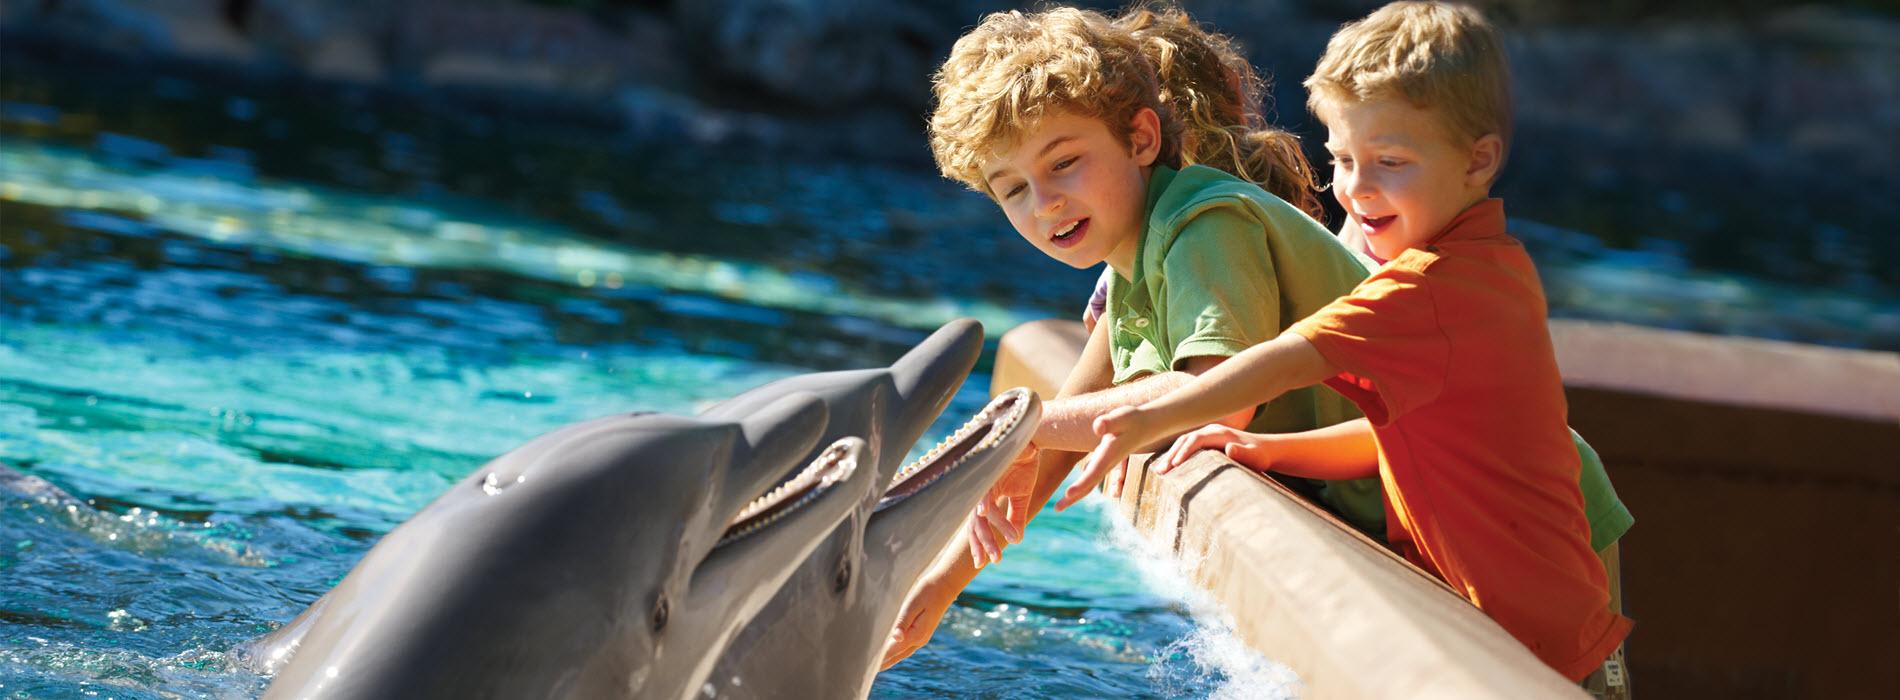 Dolphin Encounter Boys